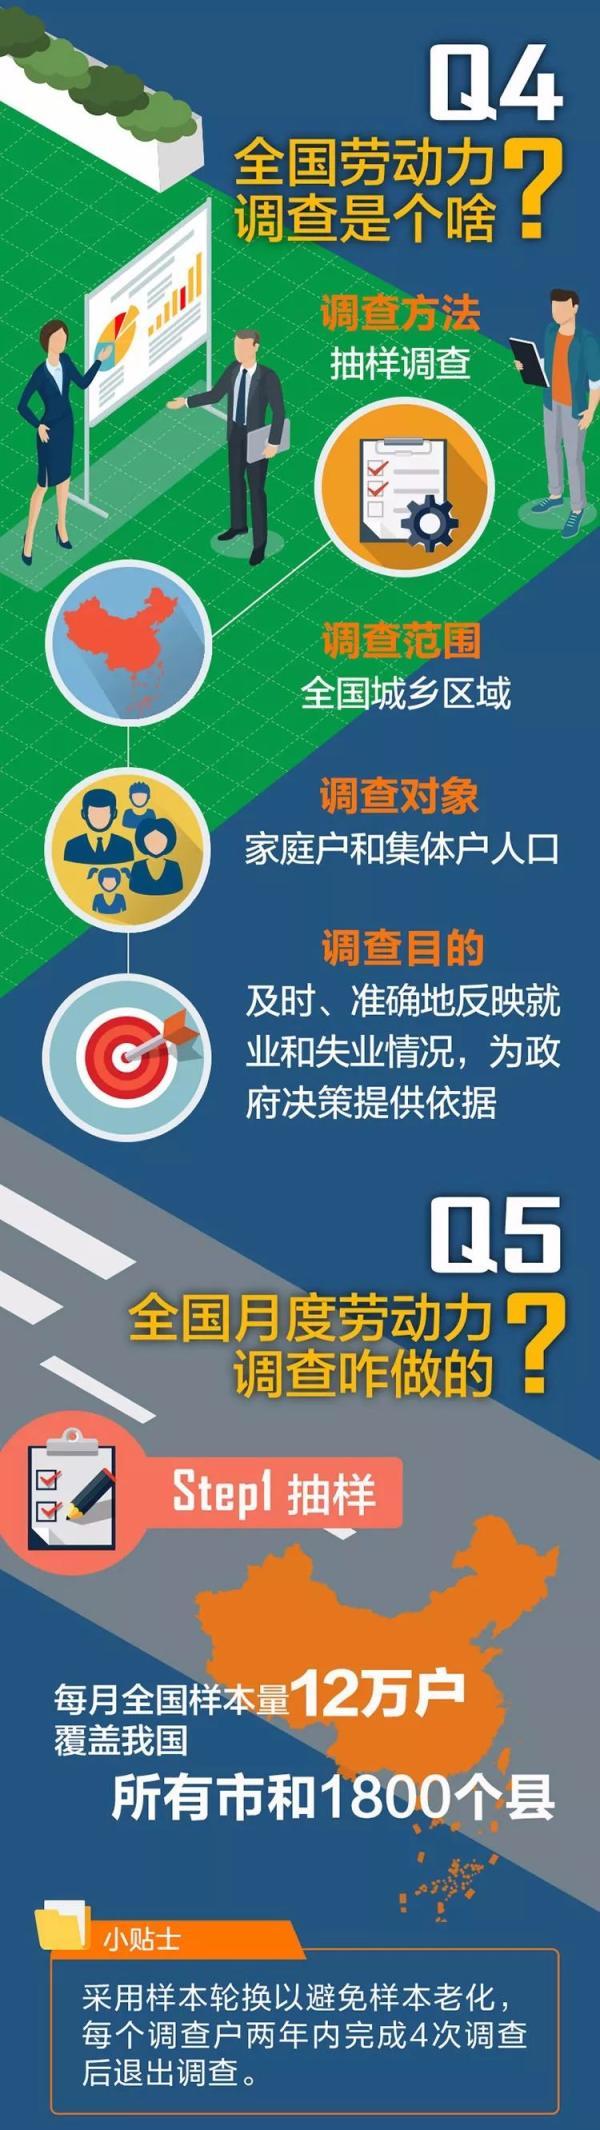 中国城镇调查失业率首亮相:反映中国经济转型升级骷髅天下1.4